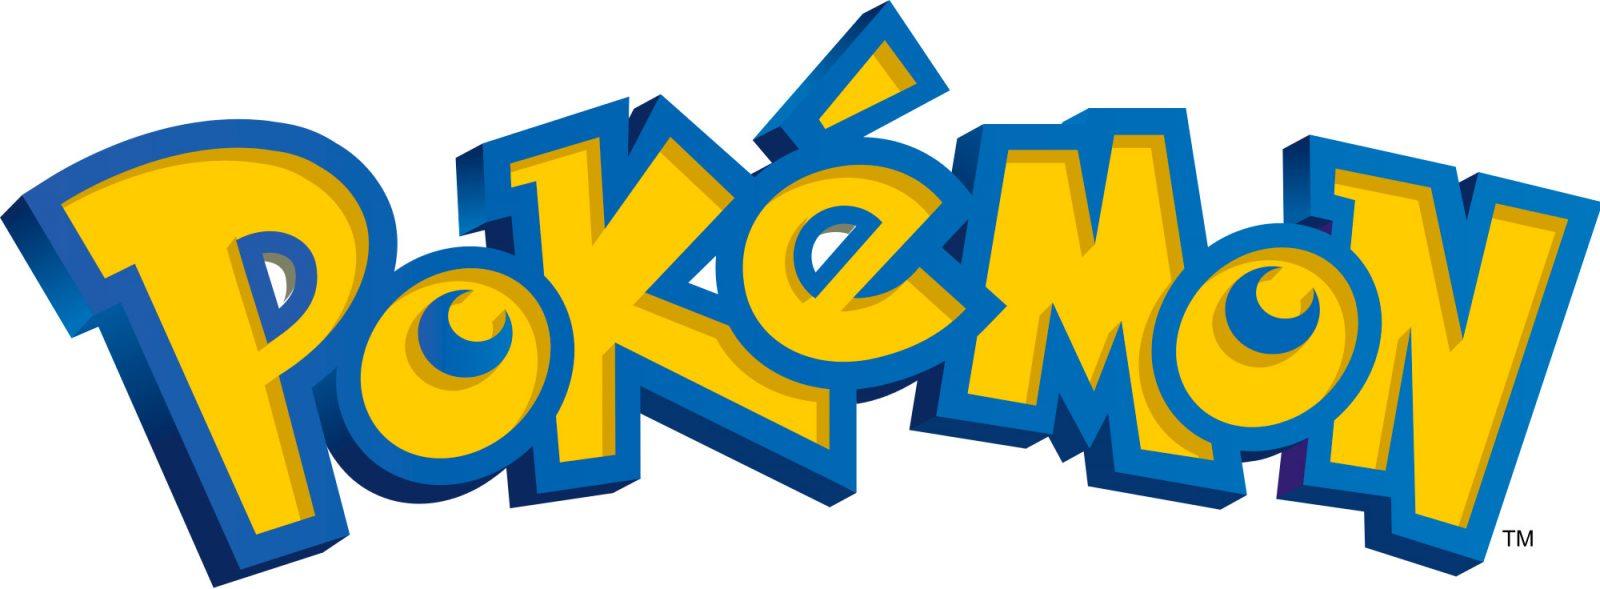 Pokémon à 20 ans